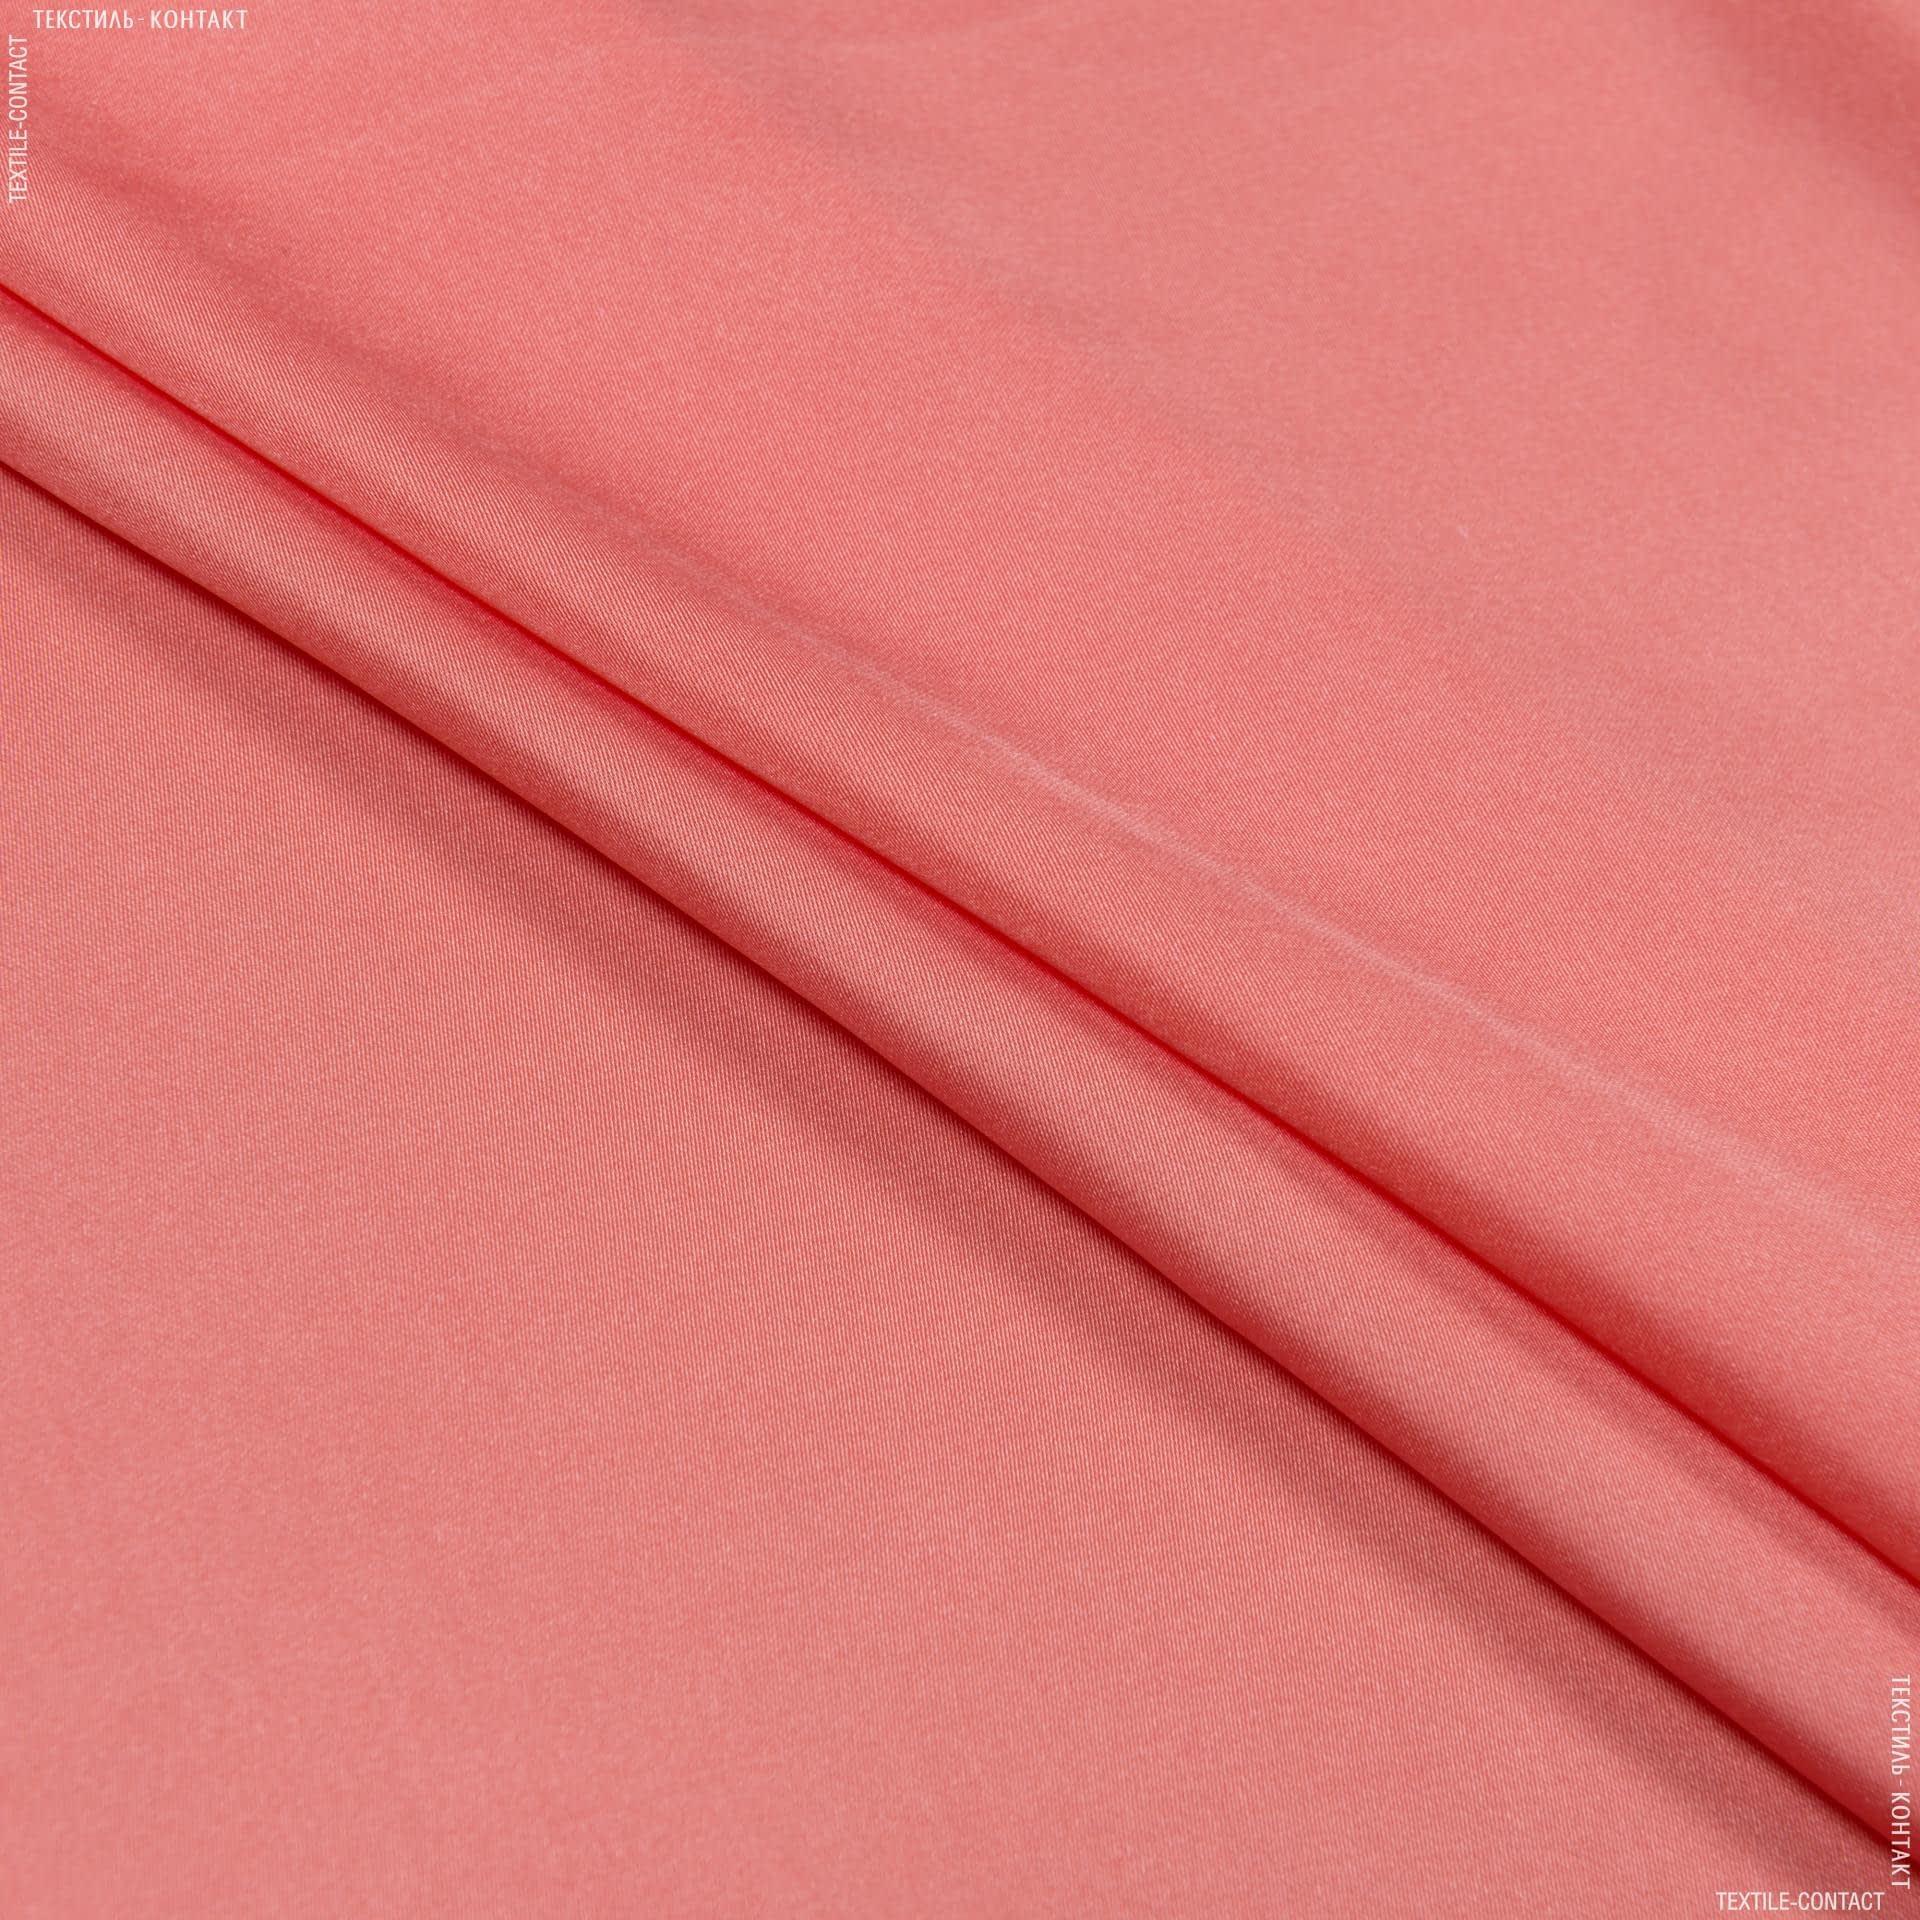 Тканини для хусток та бандан - Шовк штучний темно-абрикосовий